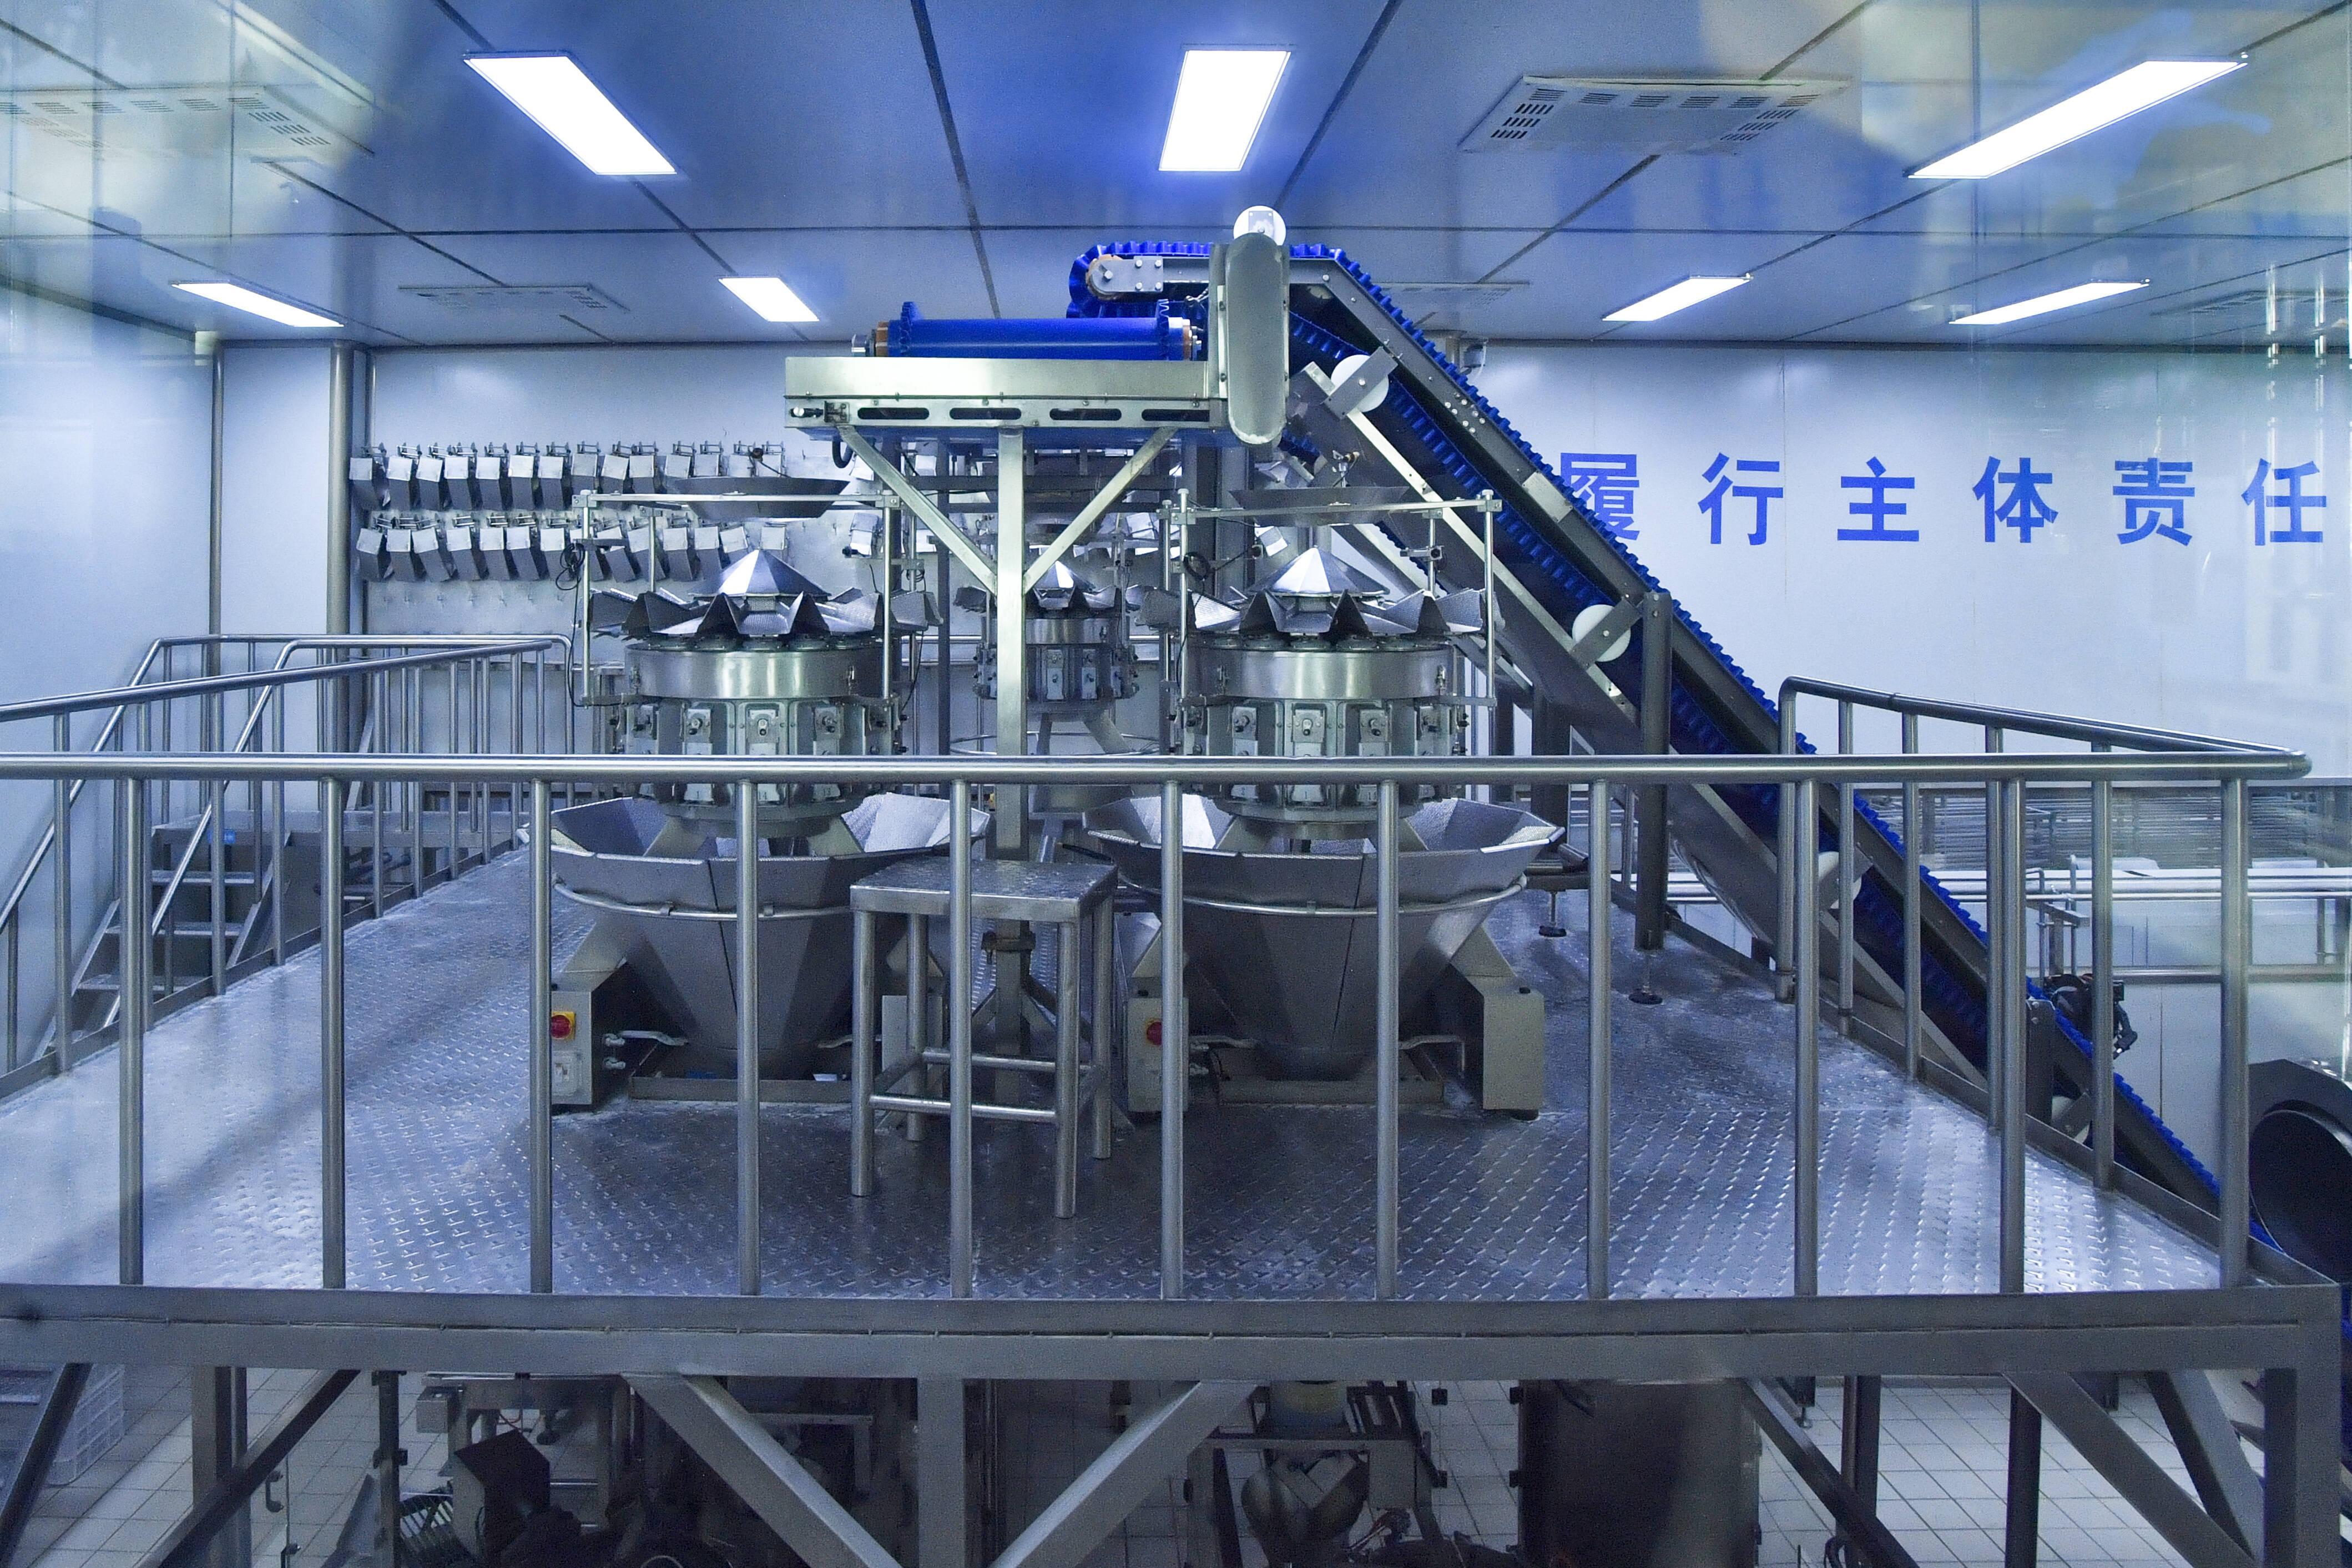 高端智库看山东|专家建言山东乳业发展:多方开拓市场 加大研发本土特色的差异化产品